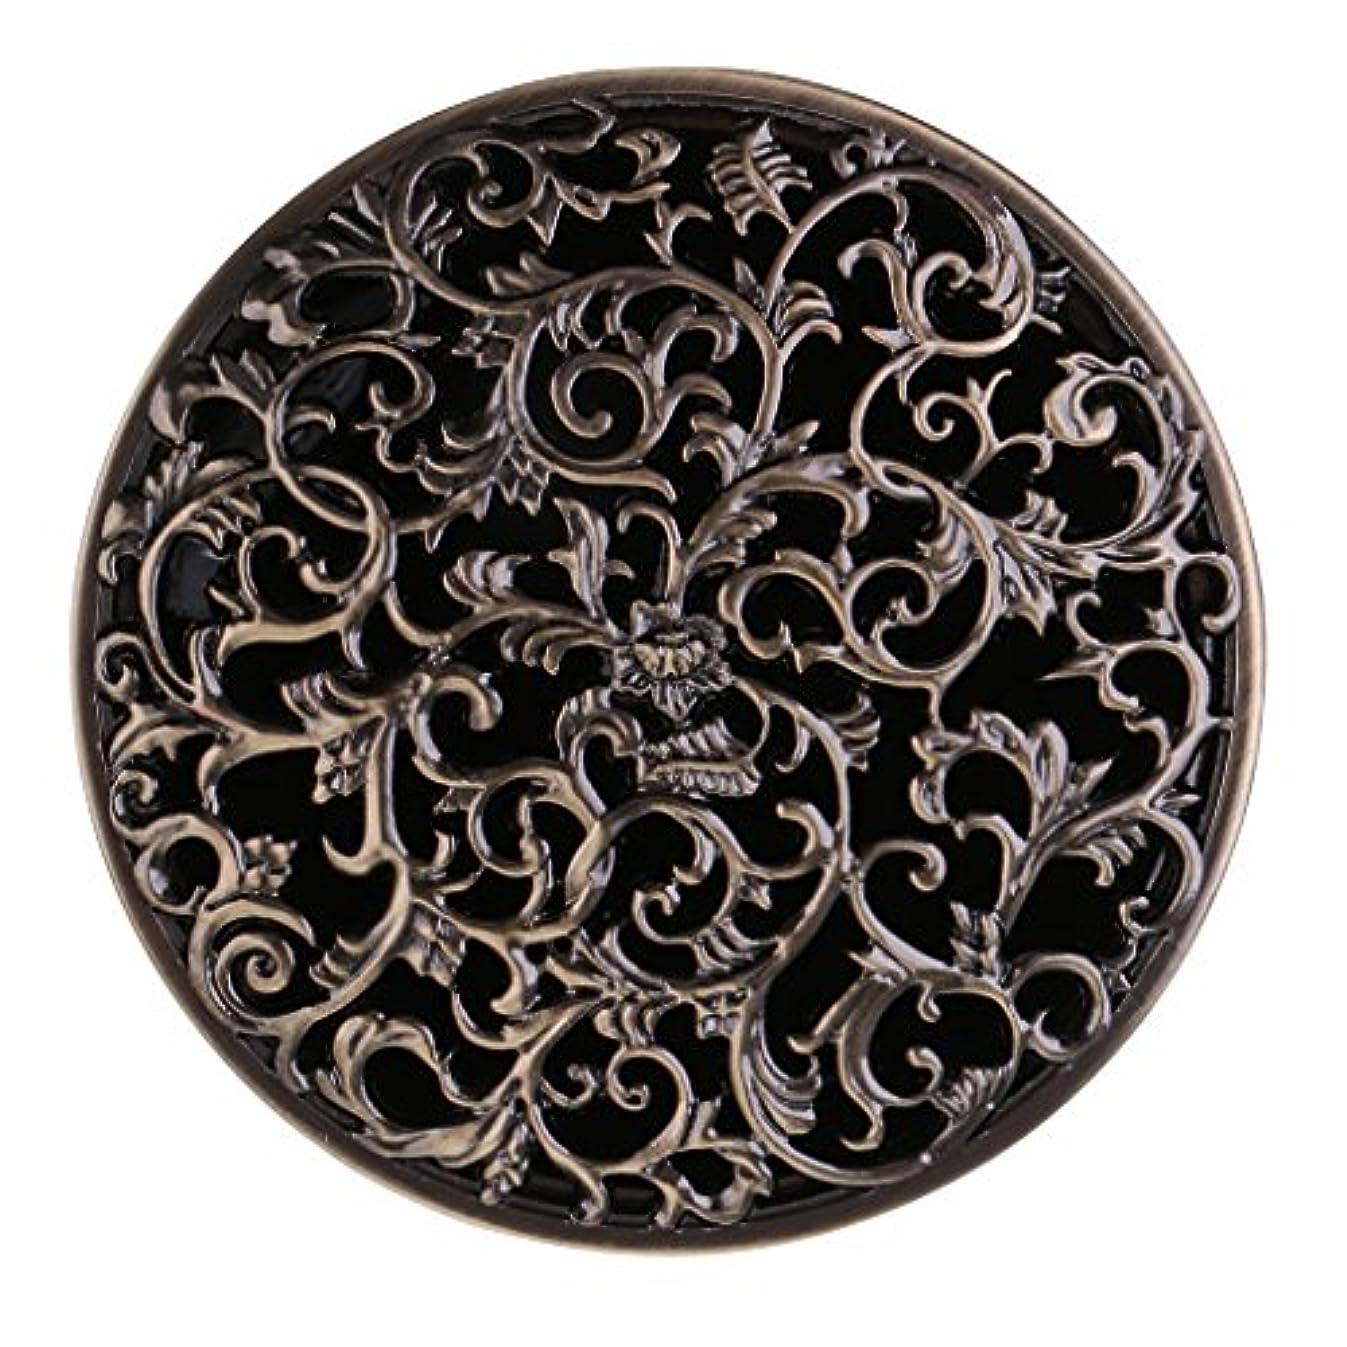 聴覚トリクル各チベット 合金 香炉 コーンホルダー 仏教 香りバーナー ボックス 家 装飾 全3色 - ブロンズ